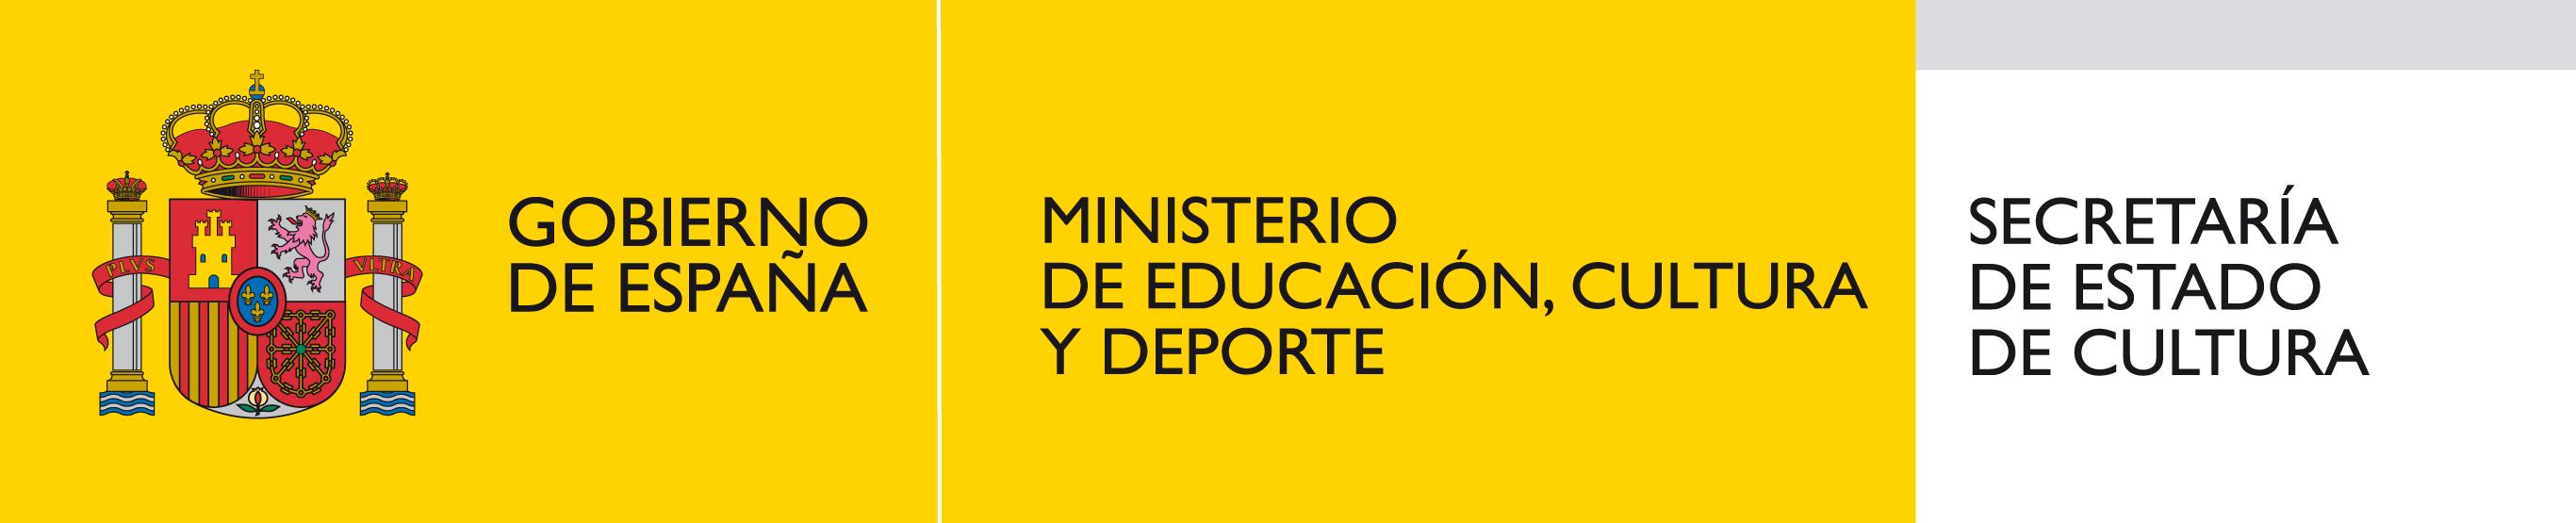 El proyecto cuenta con el apoyo del Ministerio de Educación, Cultura y Deporte.